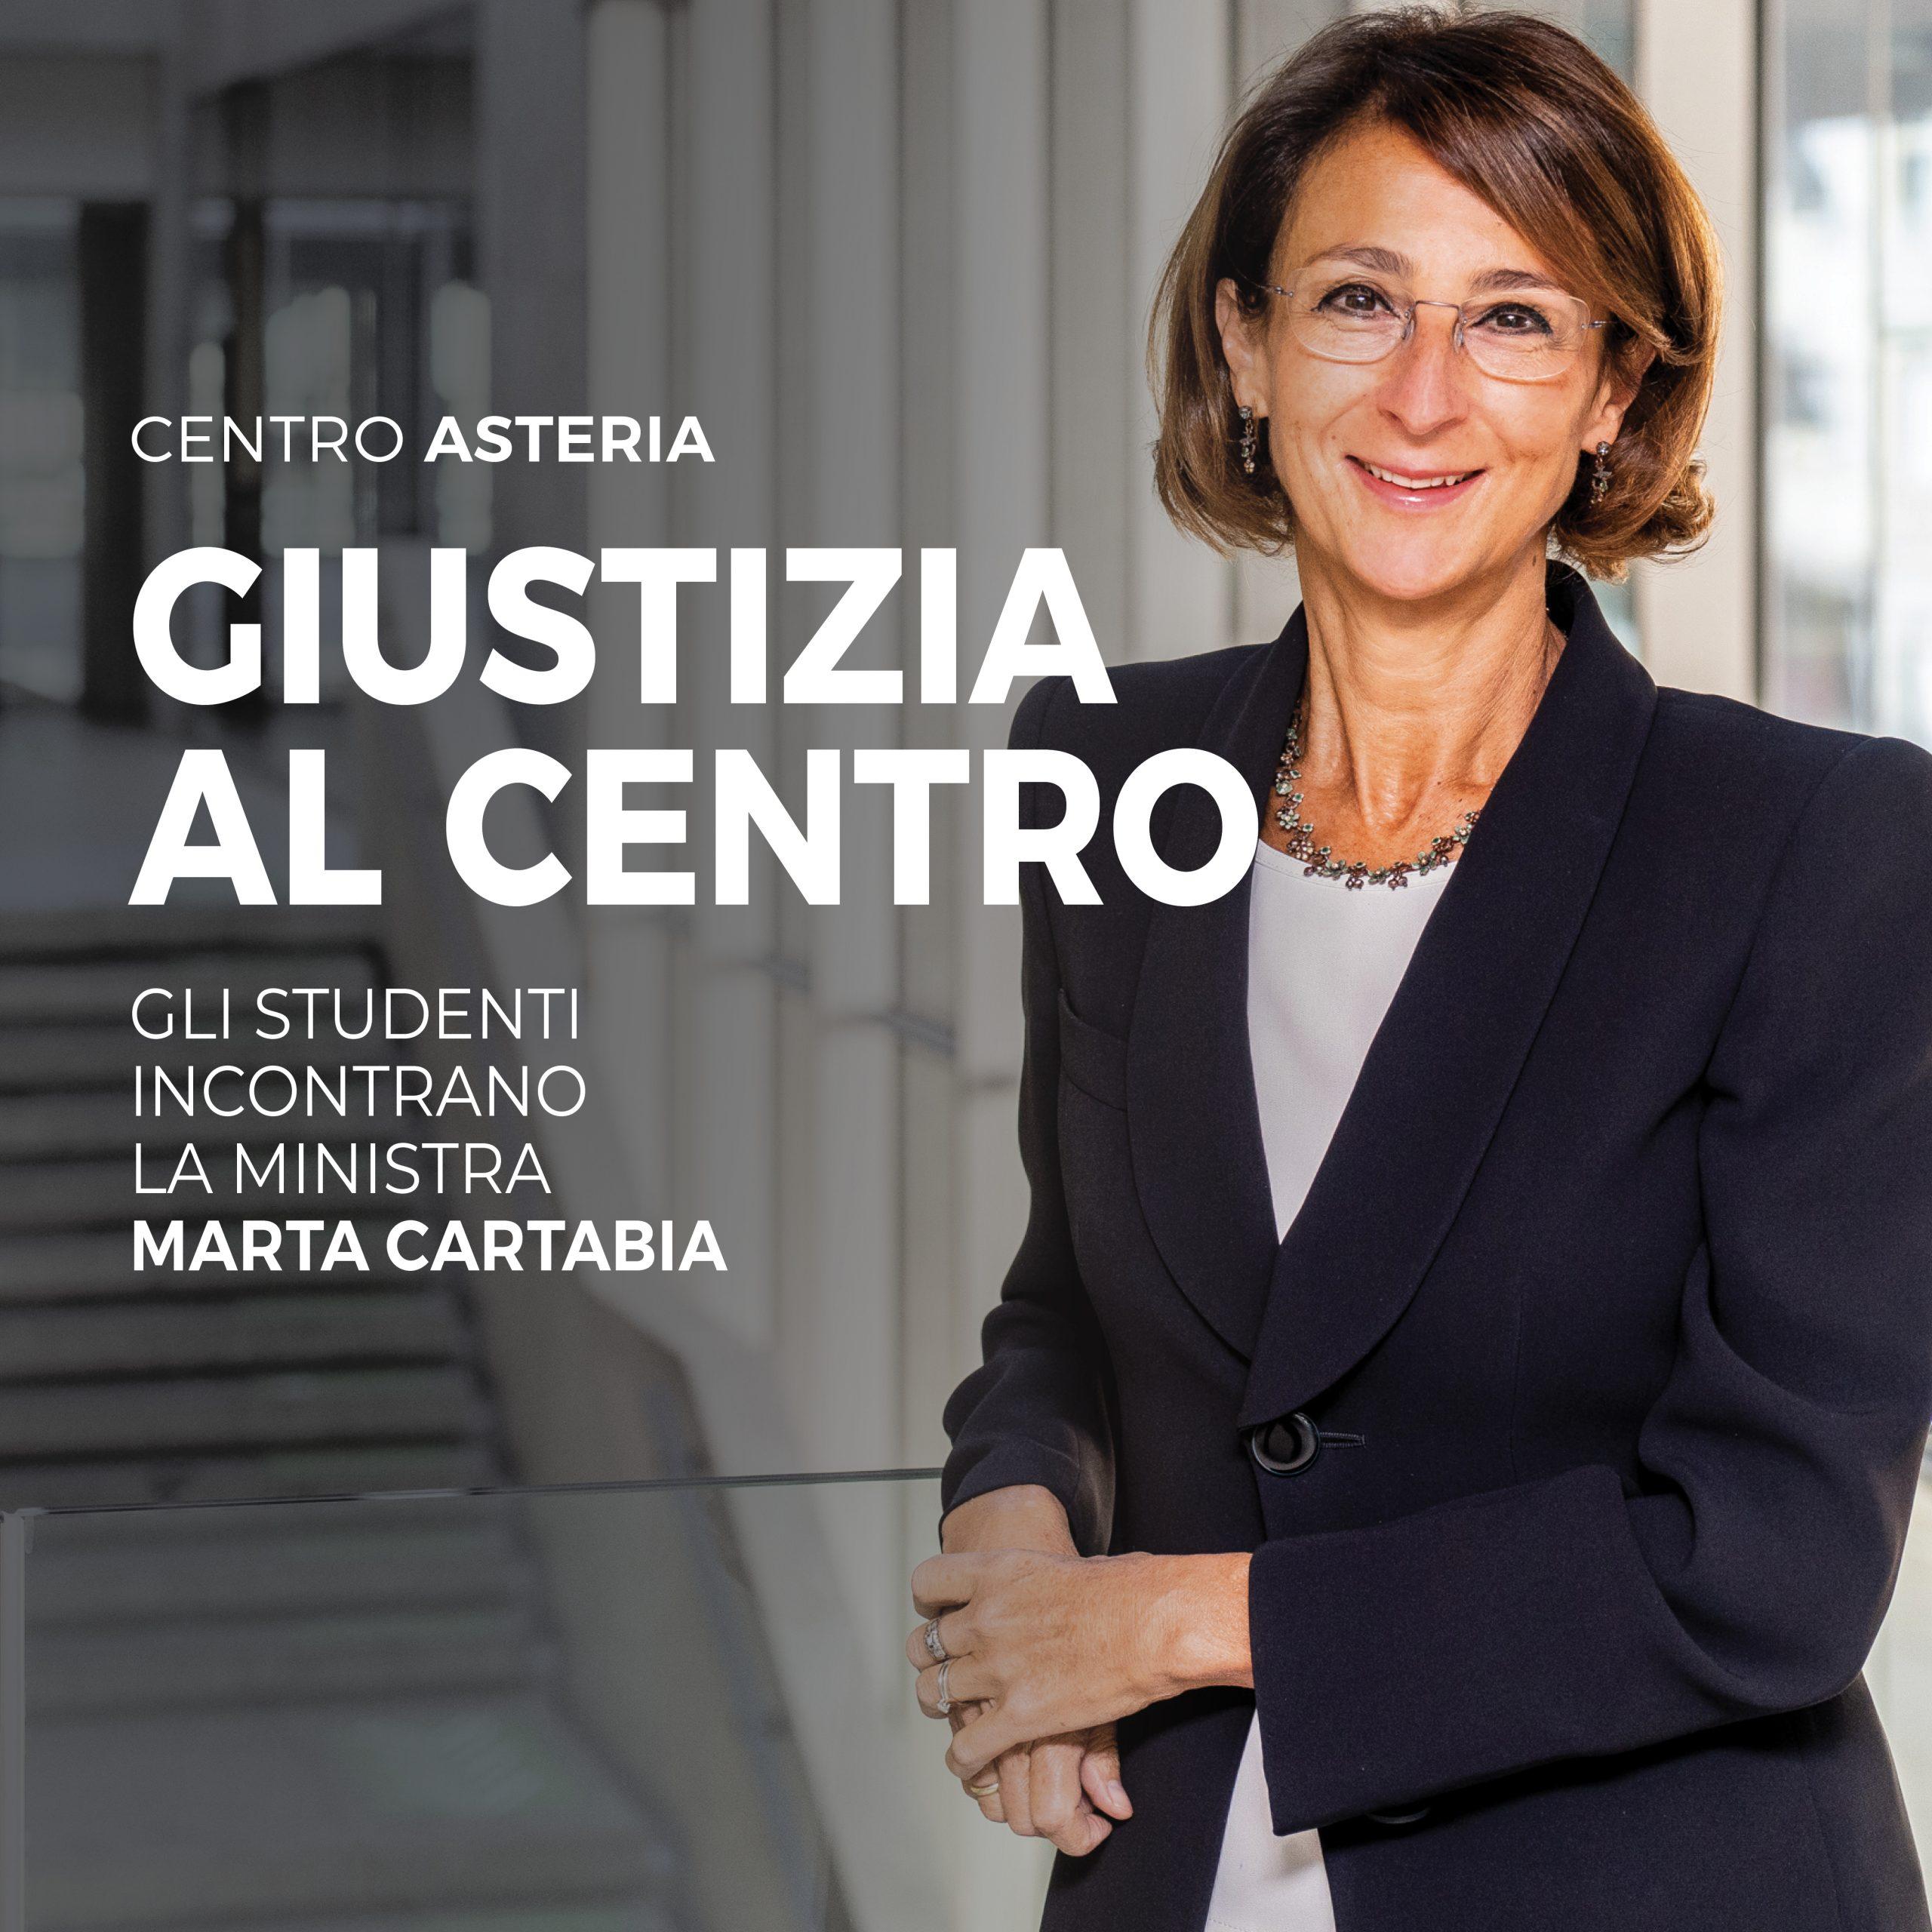 Ministra della giustizia Marta Cartabia